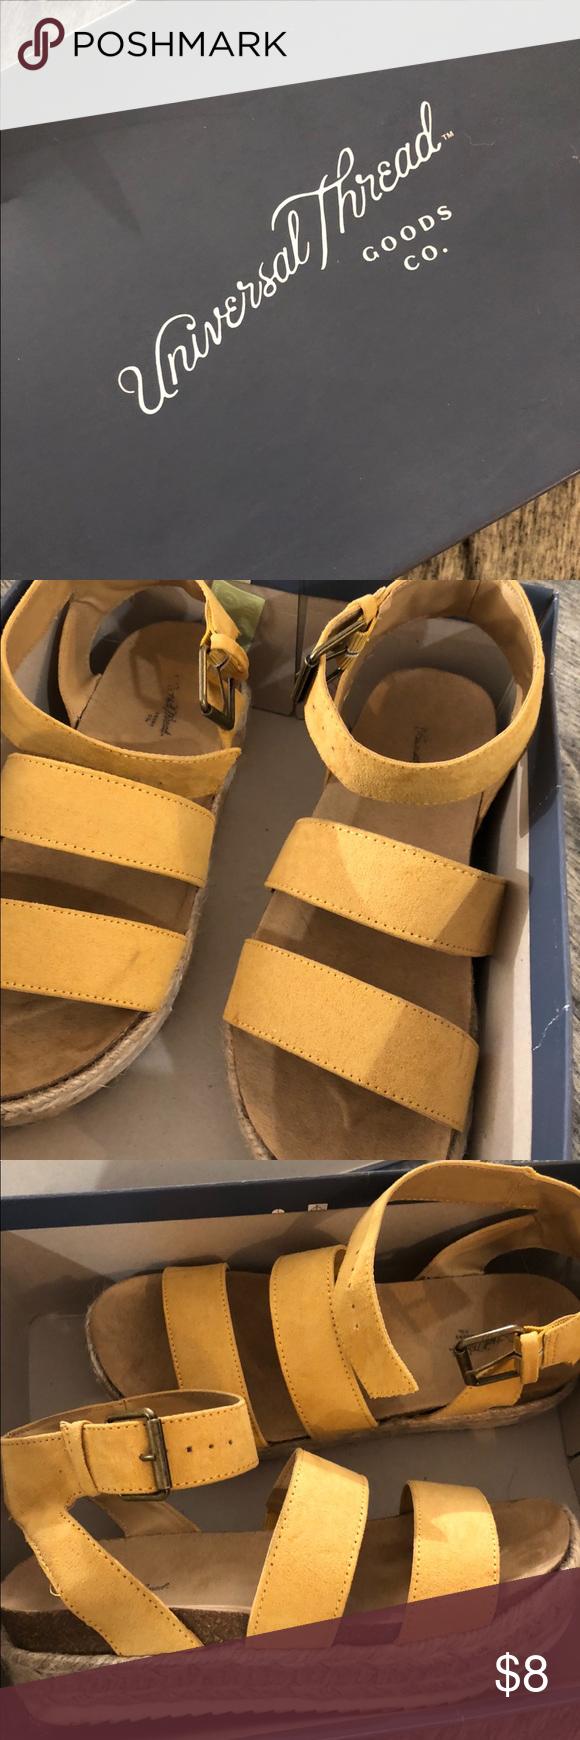 Platform sandals, Sandals, Target shoes